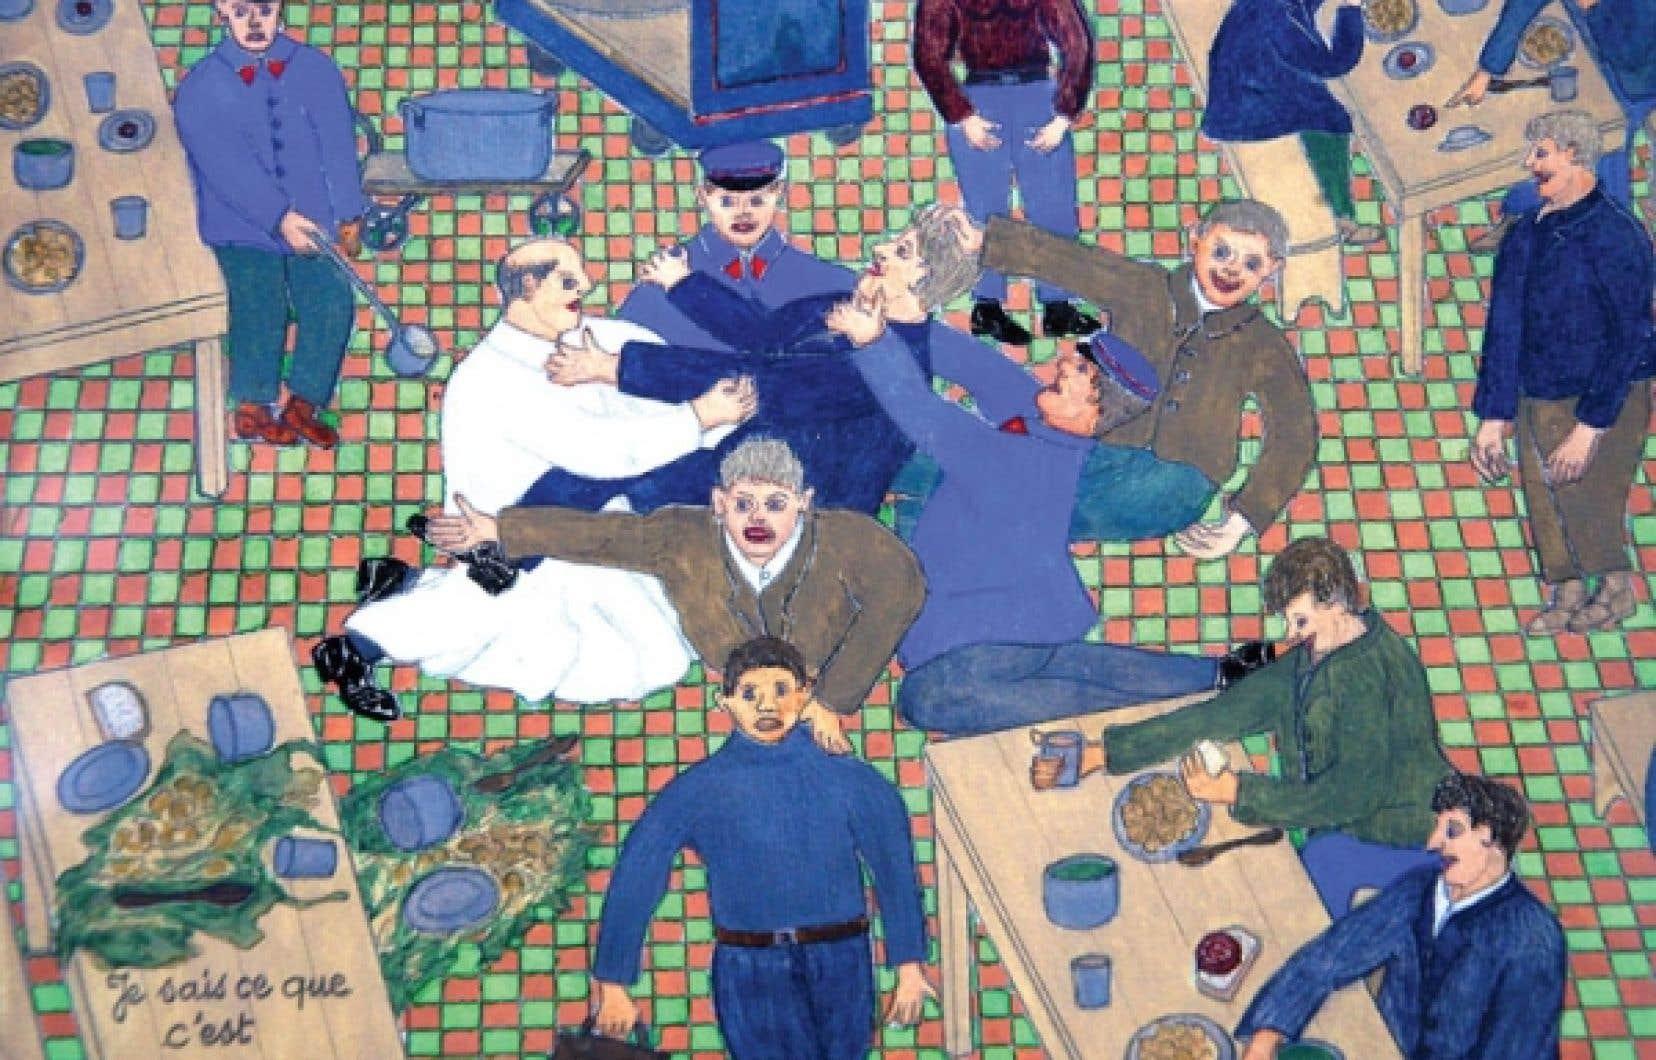 <div> Peinture ancienne réalisée par un patient et exposée au musée de l'hôpital Sainte-Anne, à Paris. Au Québec, l'art de la folie, ou l'art brut, est encore peu reconnu.</div>